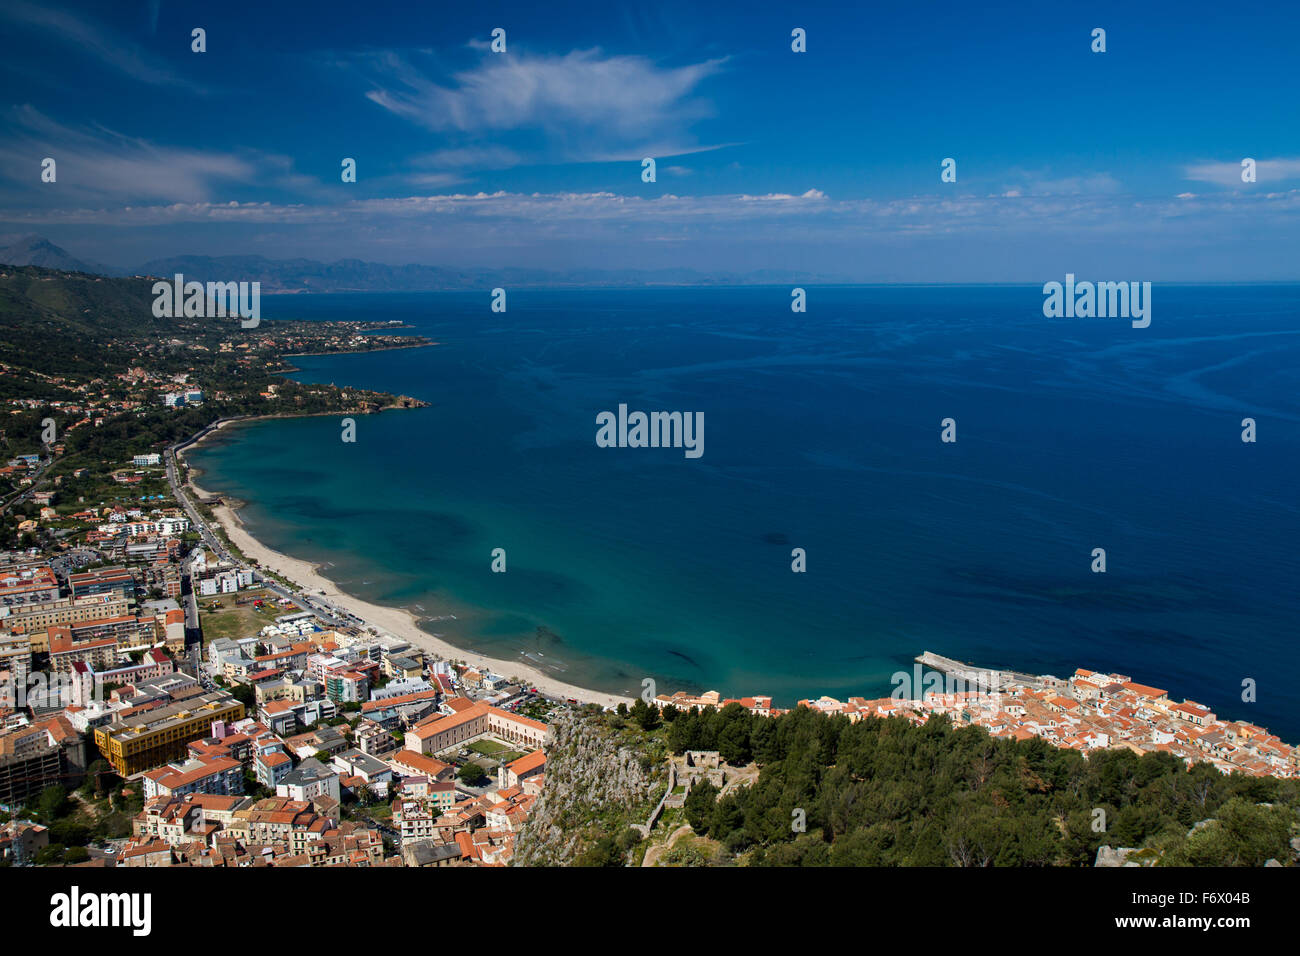 Panorama von der sizilianischen Küste in der Nähe von Cefalu, Sizilien, Italien Stockbild